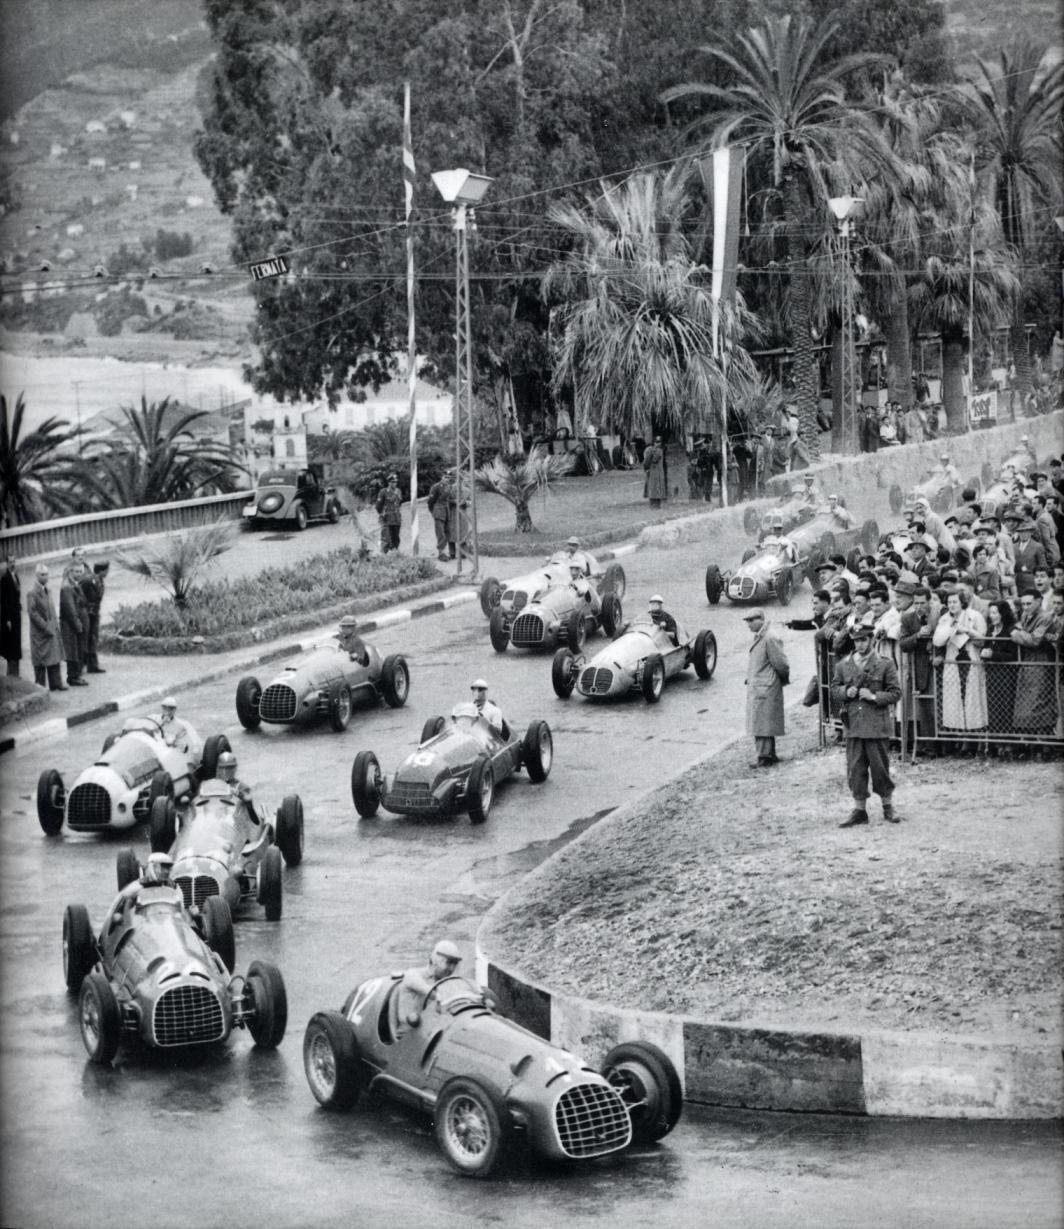 Pin de Raúl en Coches Remo, Autos, Carreras de autos